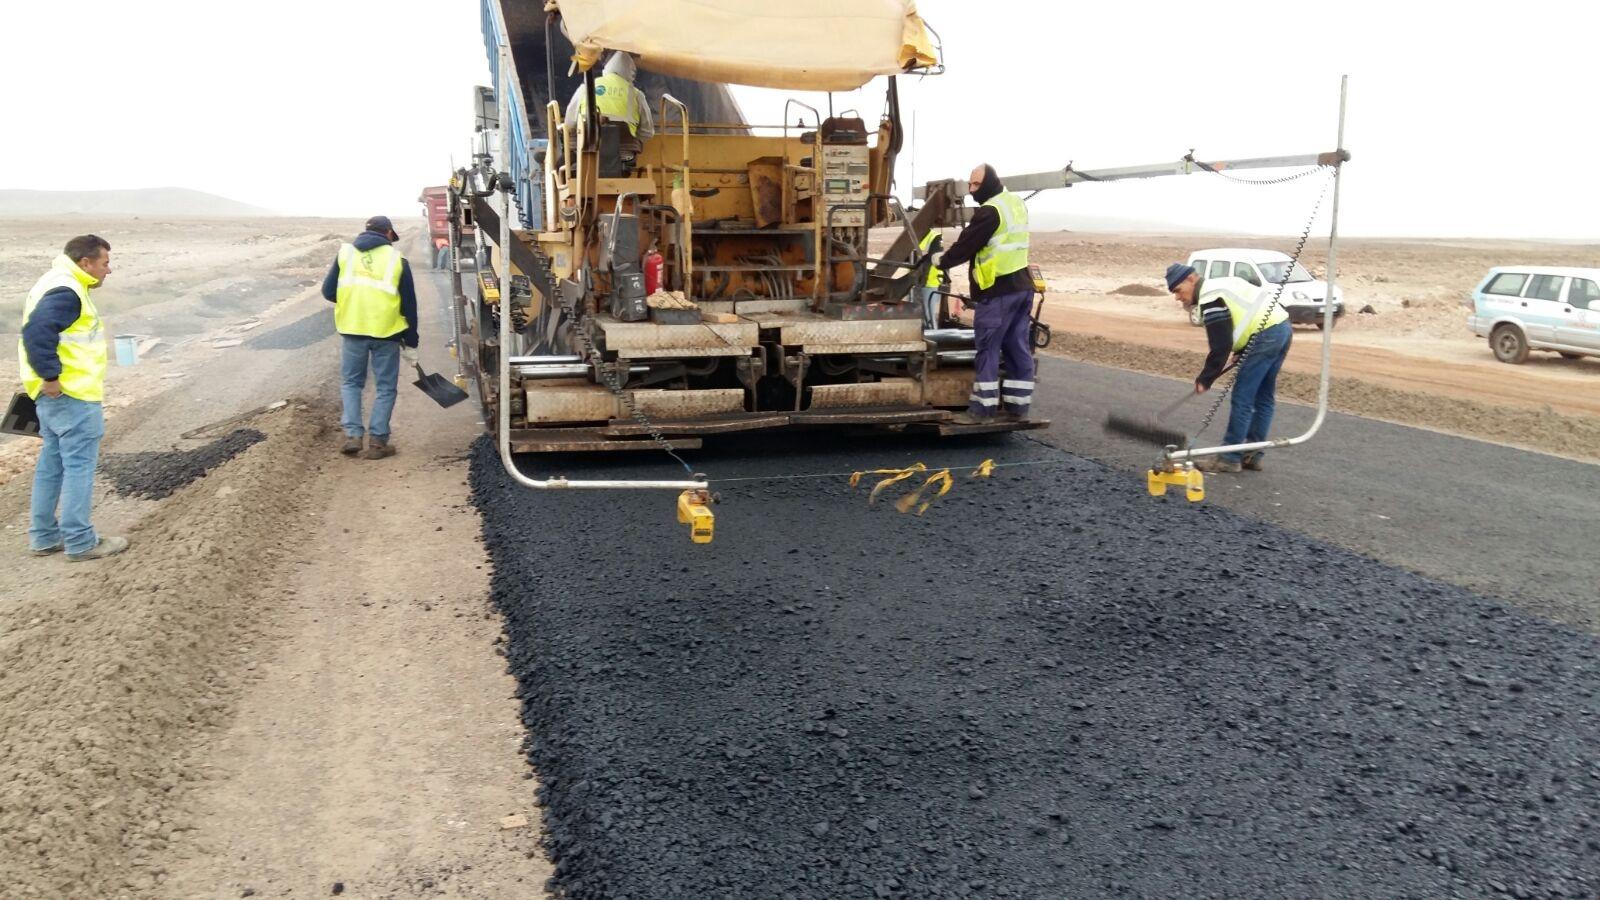 Obras Públicas adjudica por 92 millones de euros las obras del nuevo tramo entre Puerto del Rosario y La Caldereta